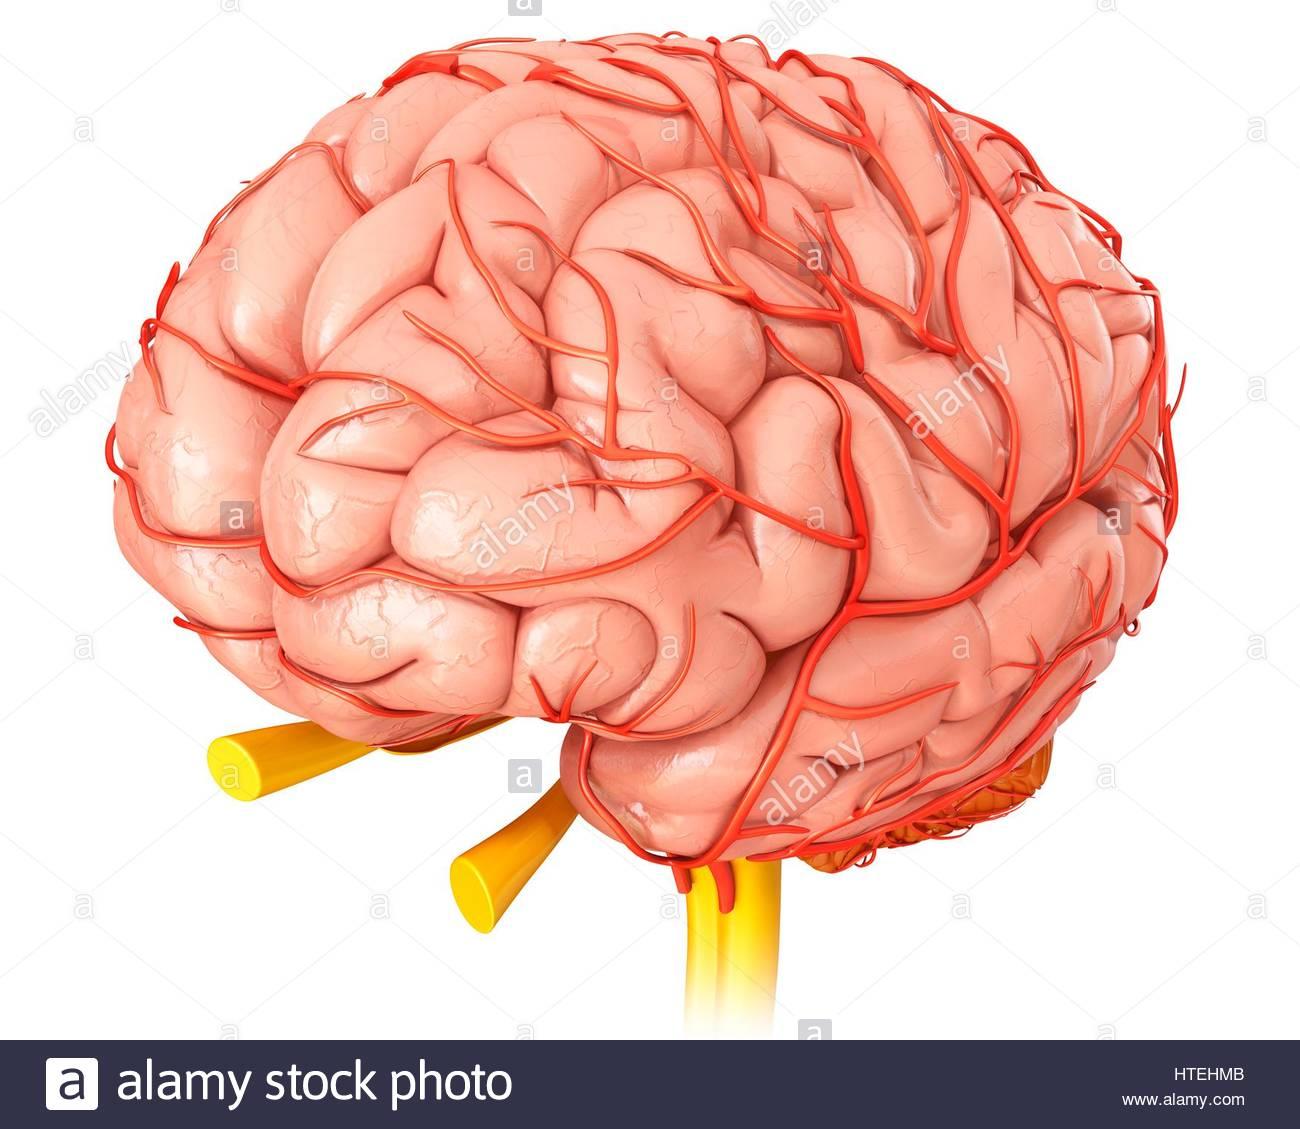 Darstellung der Anatomie des menschlichen Gehirns und seine Arterien ...